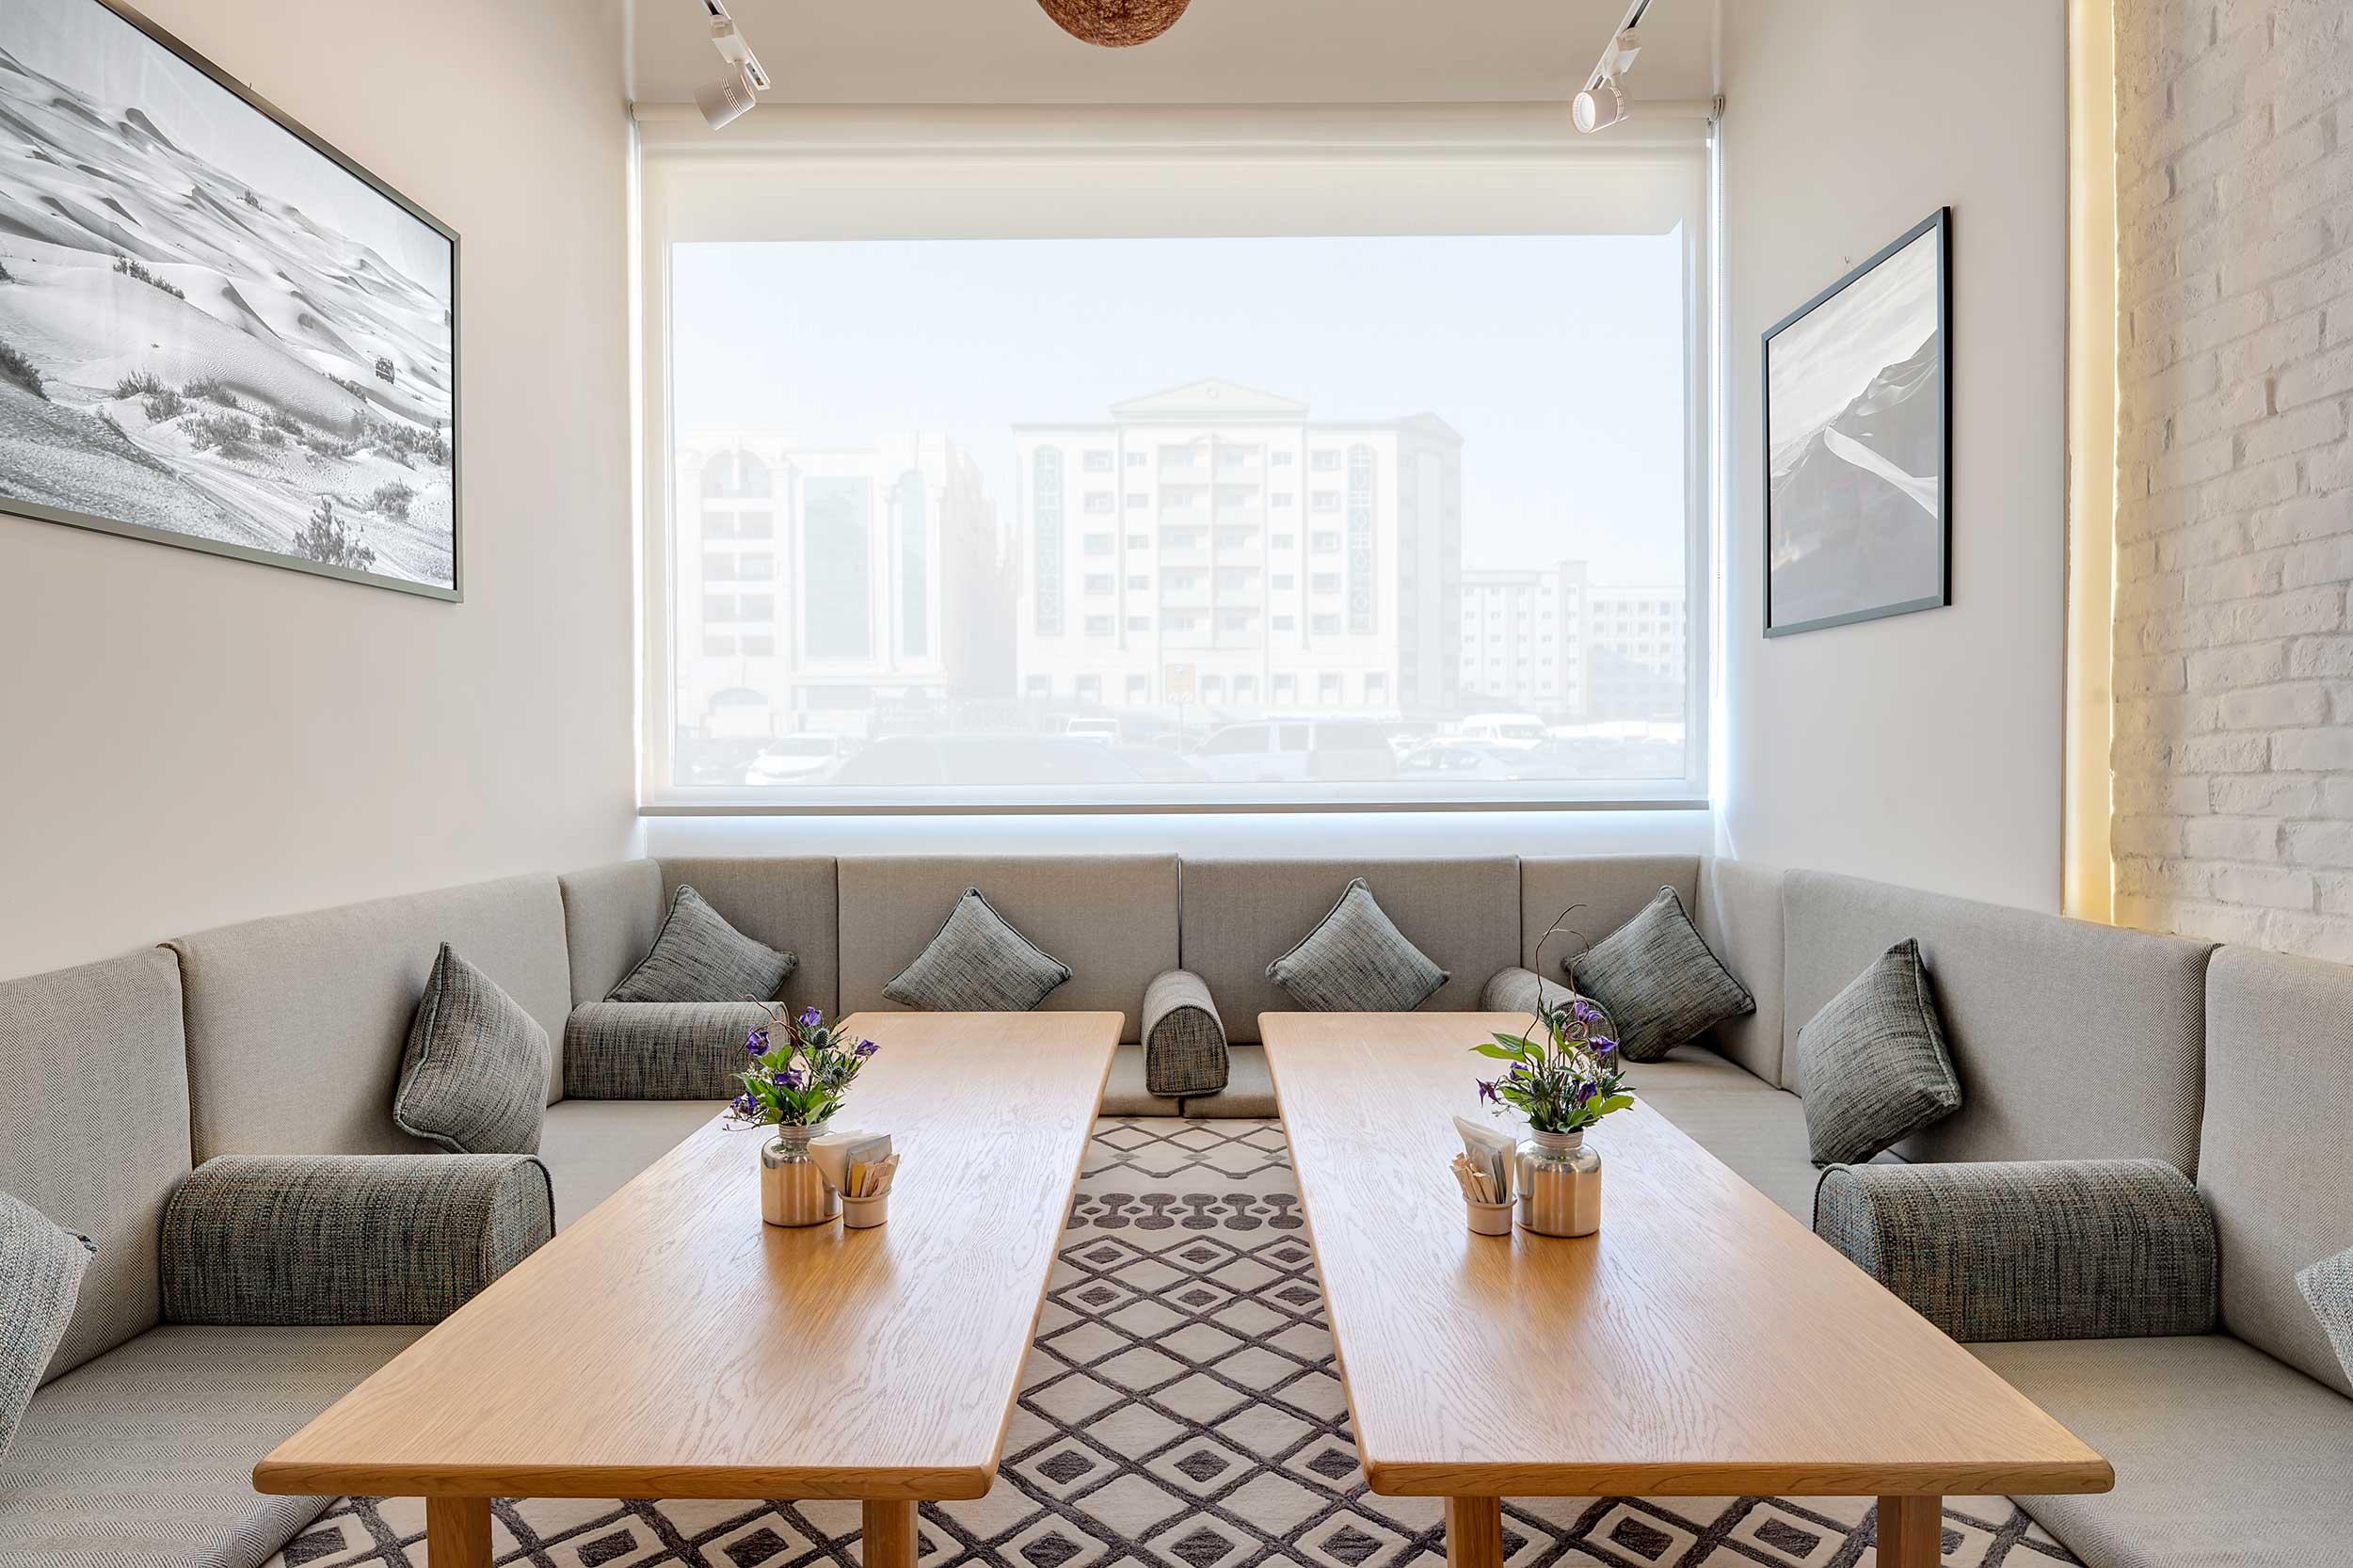 Kraz-Interior Design Company in Dubai